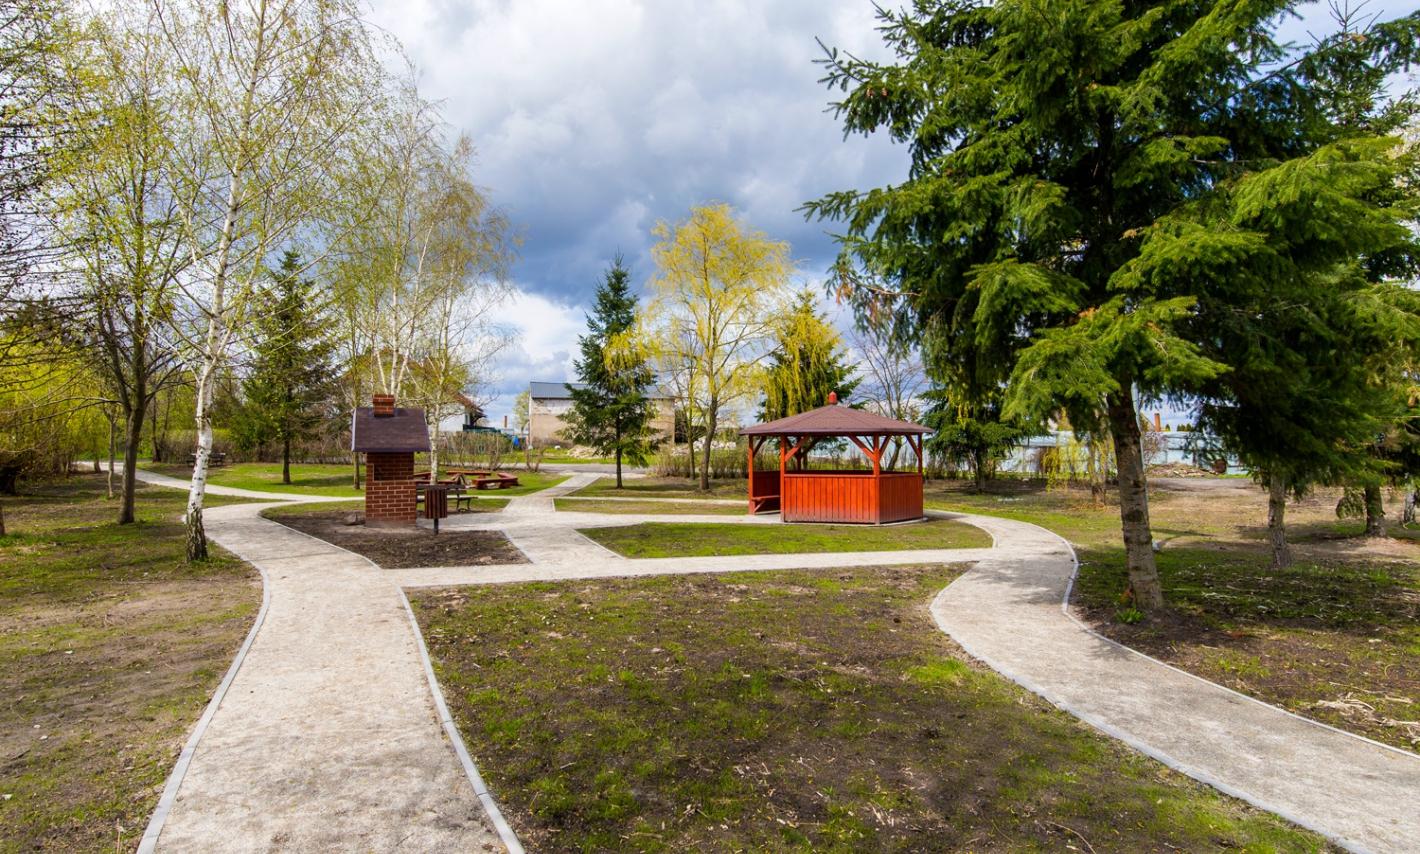 widok na park w centrum rekracyjnym we Wiągu, w tle miejsce do grilowania